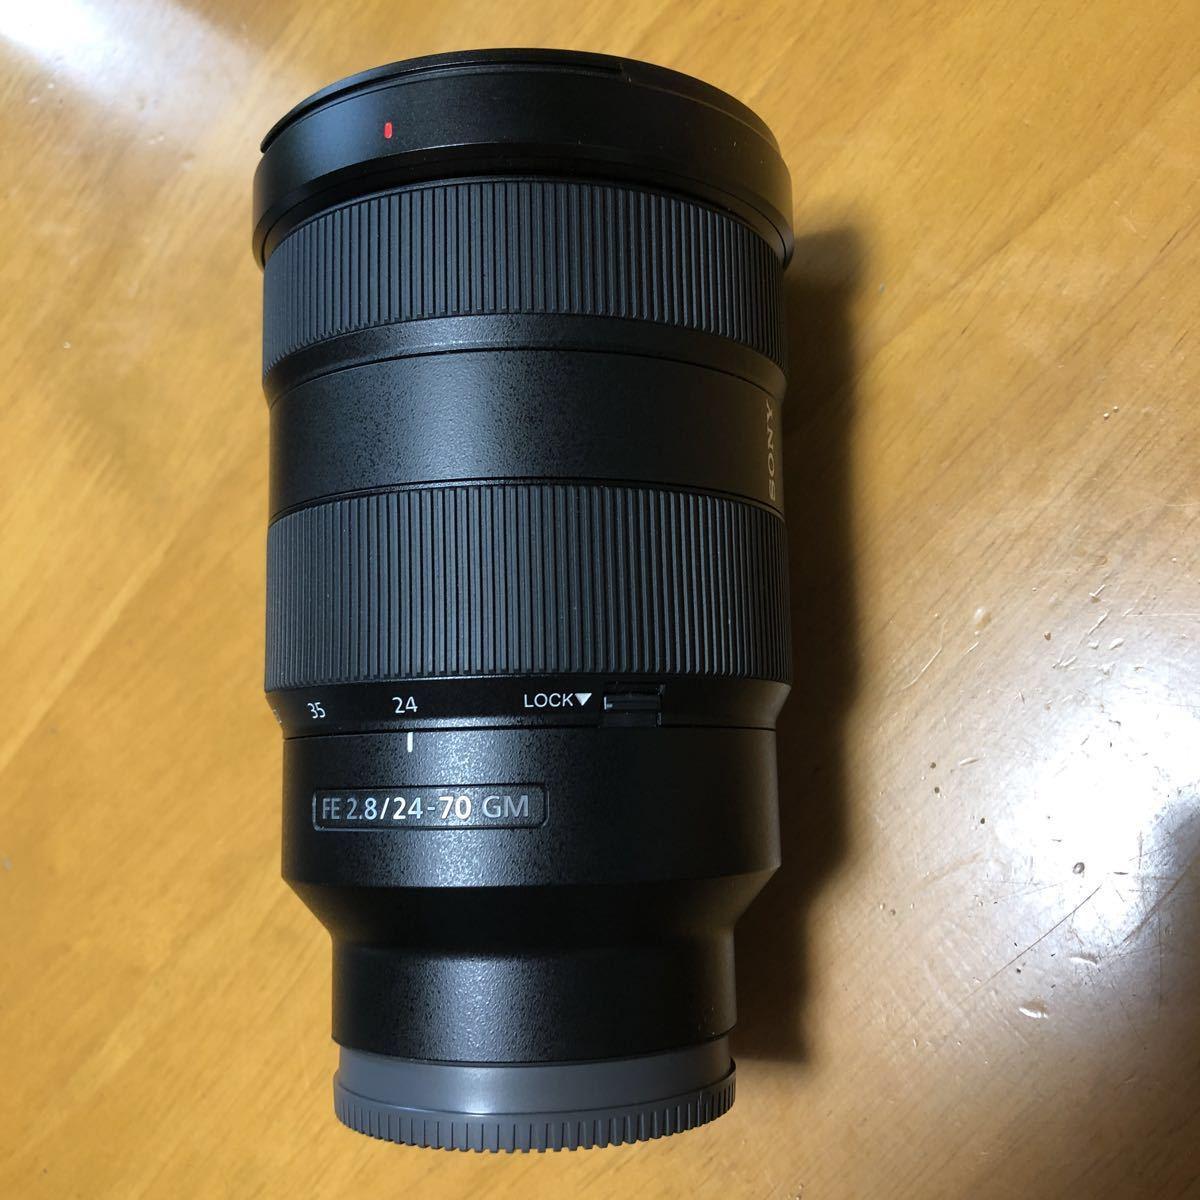 ☆美品☆ SONY SEL2470GM FE 24-70mm F2.8 GM Eマウント レンズフィルターのオマケ付き_画像3